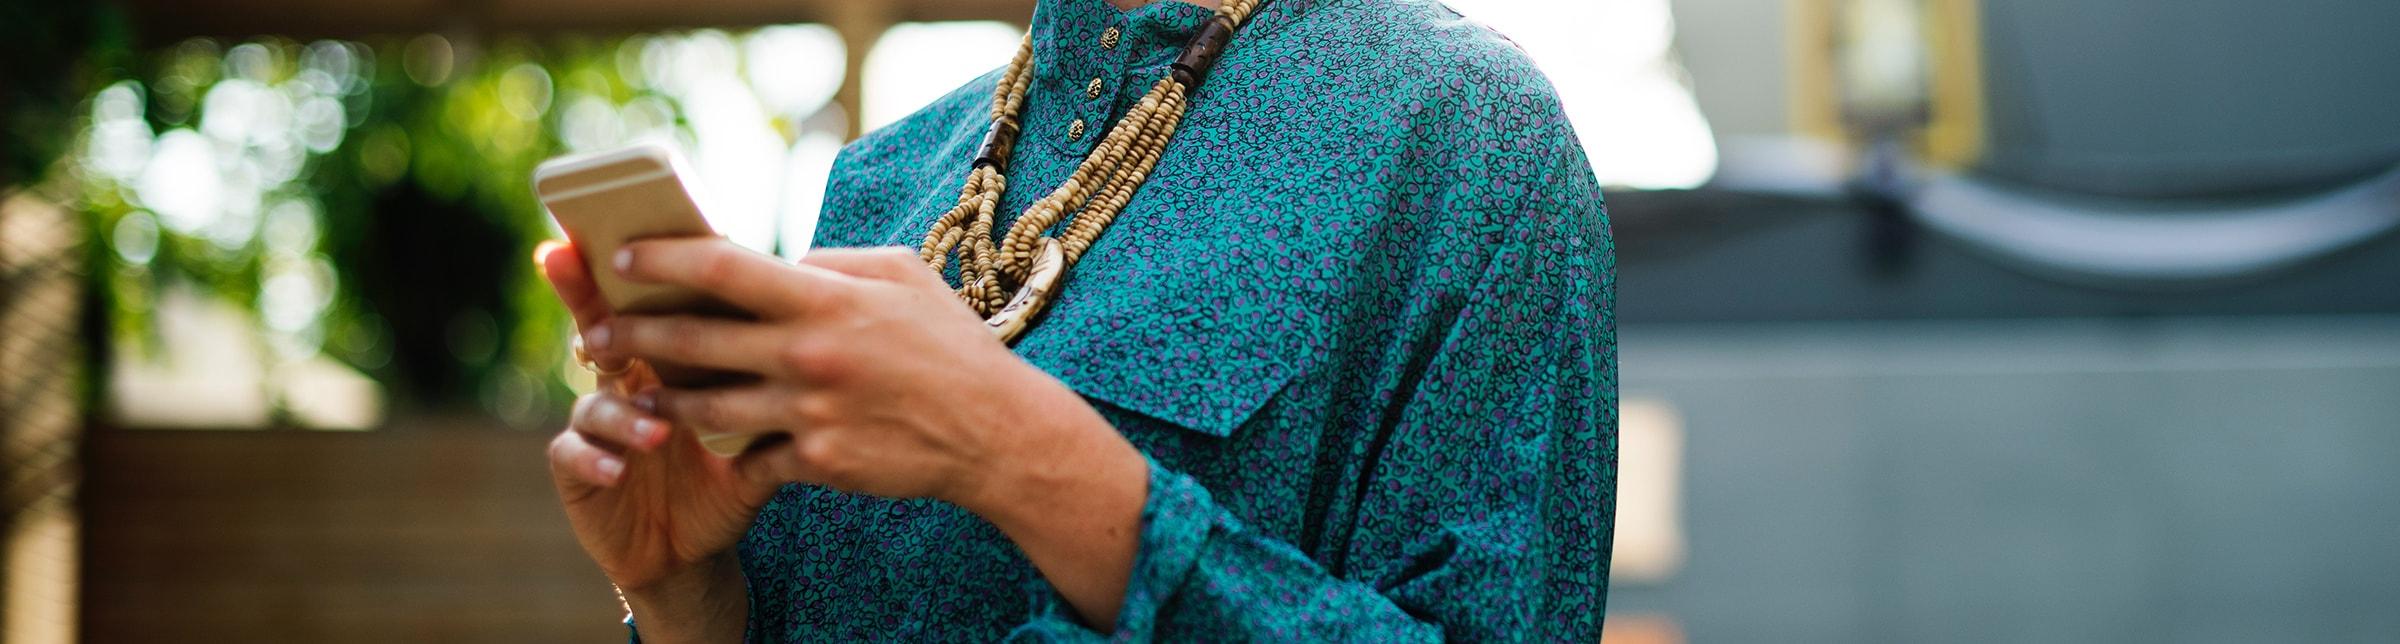 L'immagine rappresenta un primo piano di un busto di donna che tiene tra le mani un cellulare